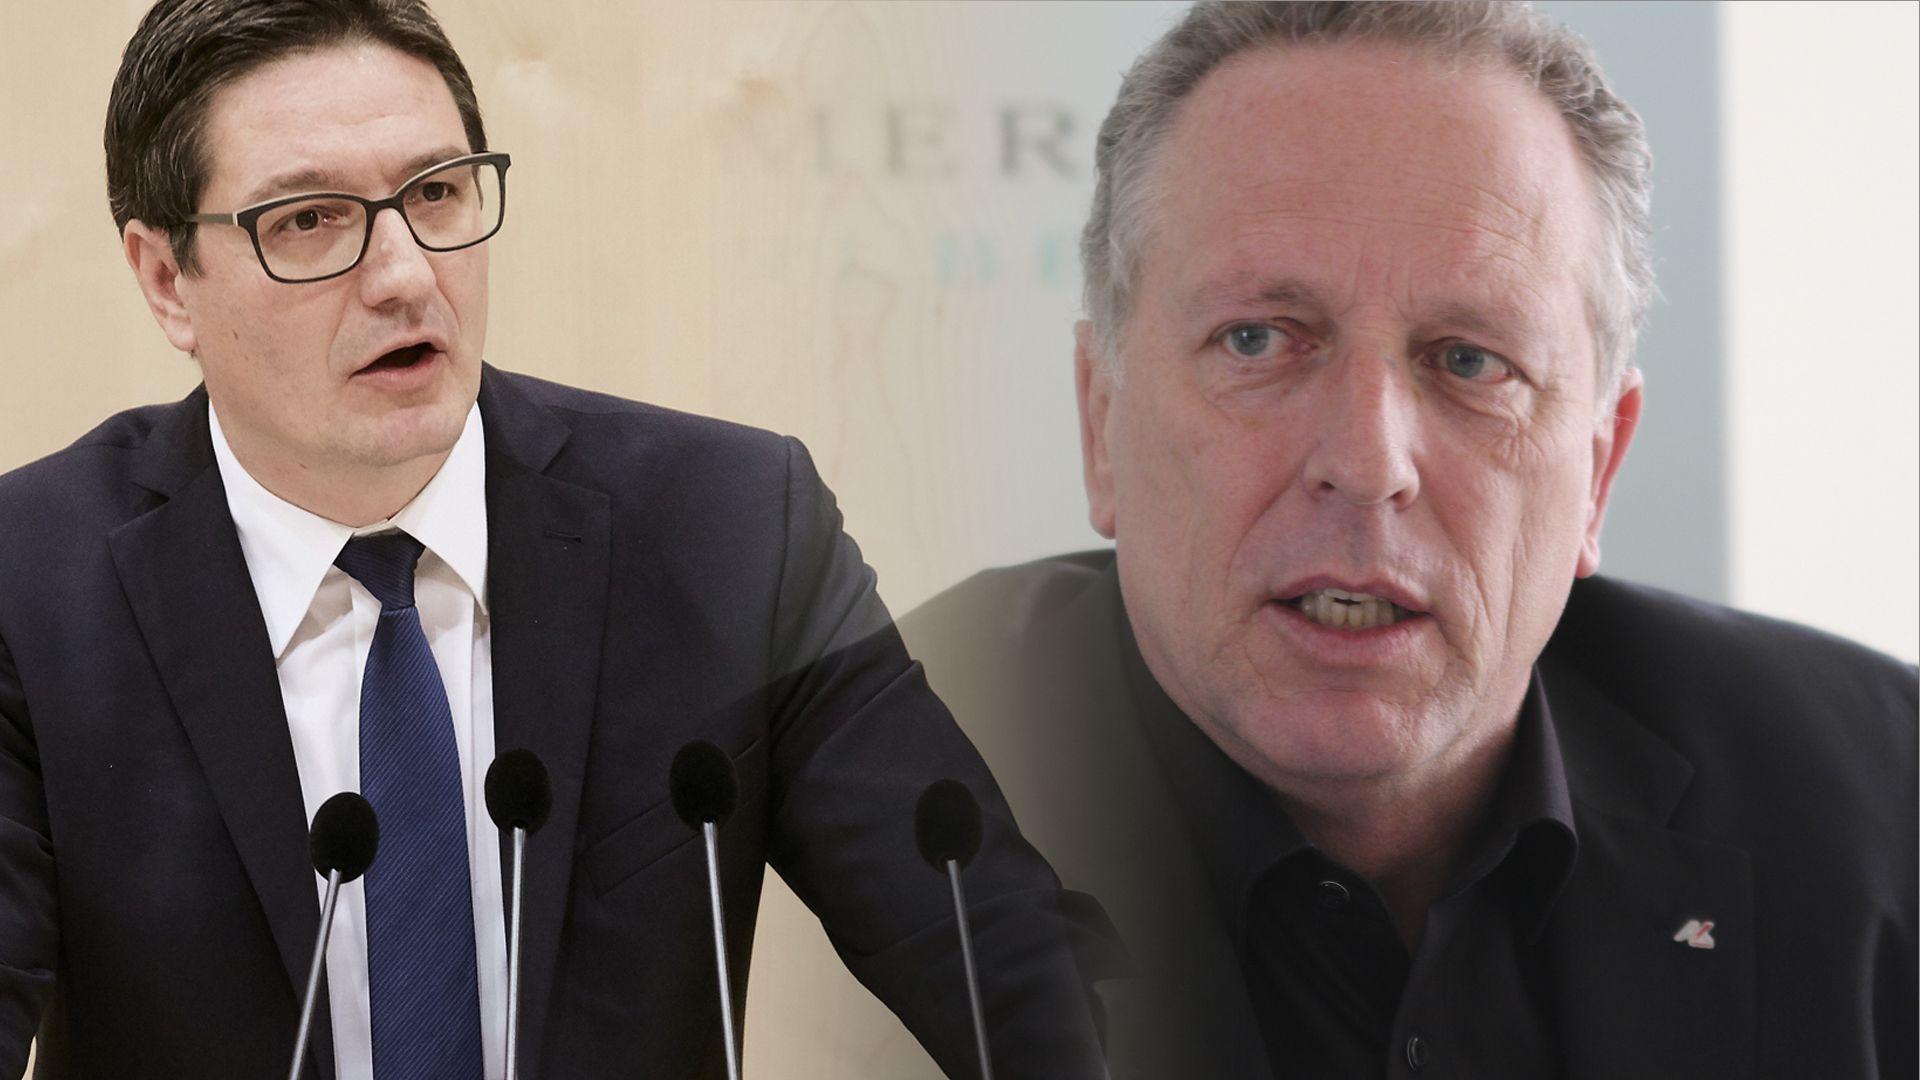 Vorarlberg: SPÖ kritisiert doppeltes Spiel von Hämmerle